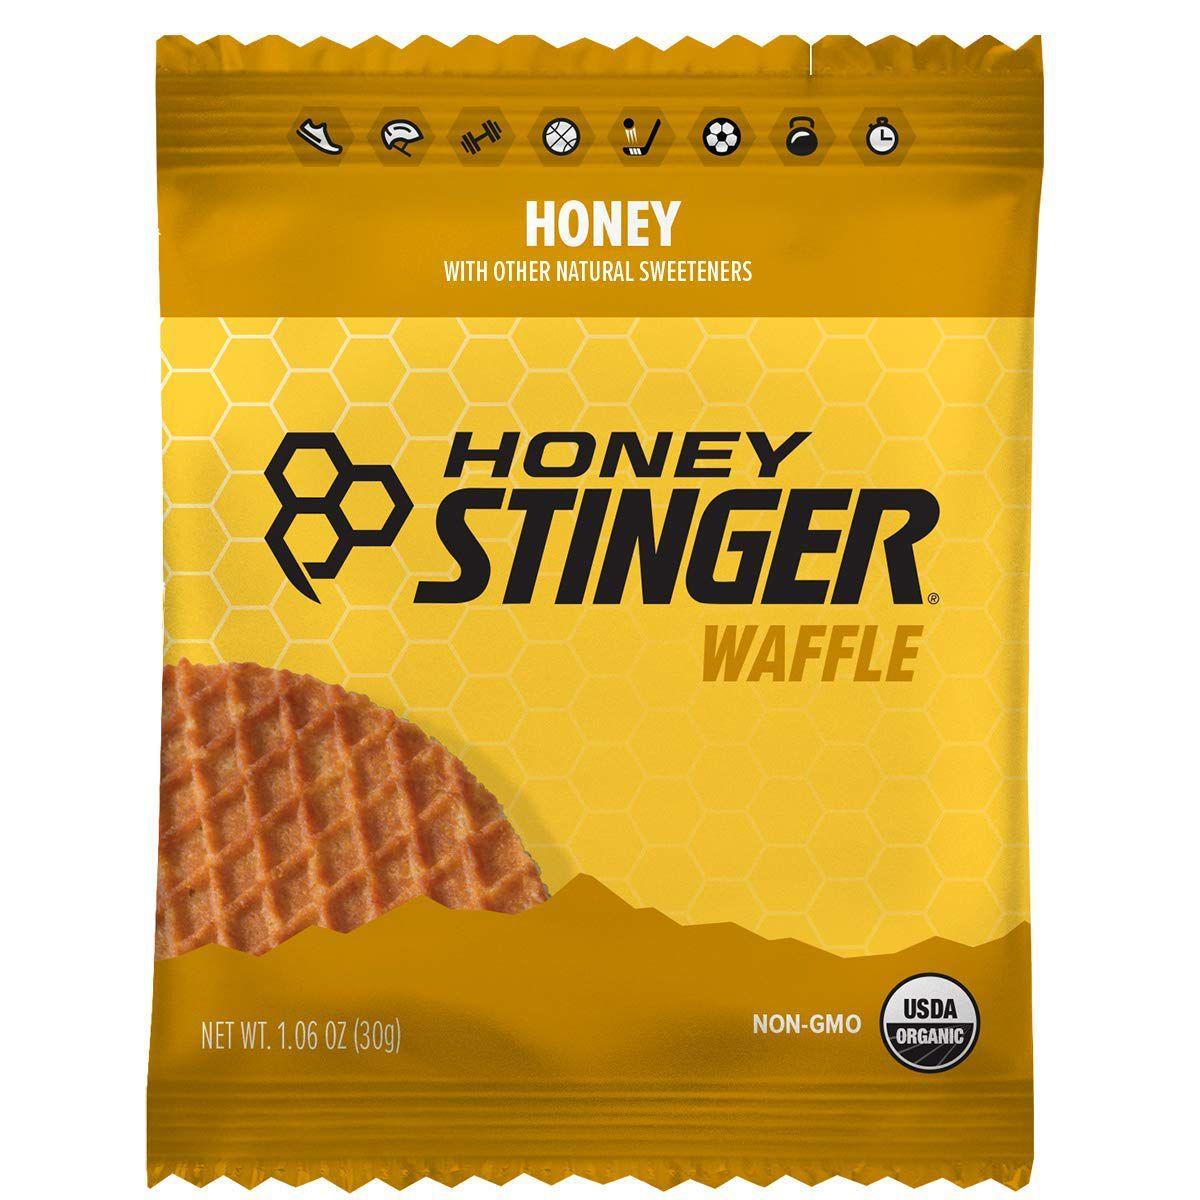 Honey Stinger Organic Waffle, Honey